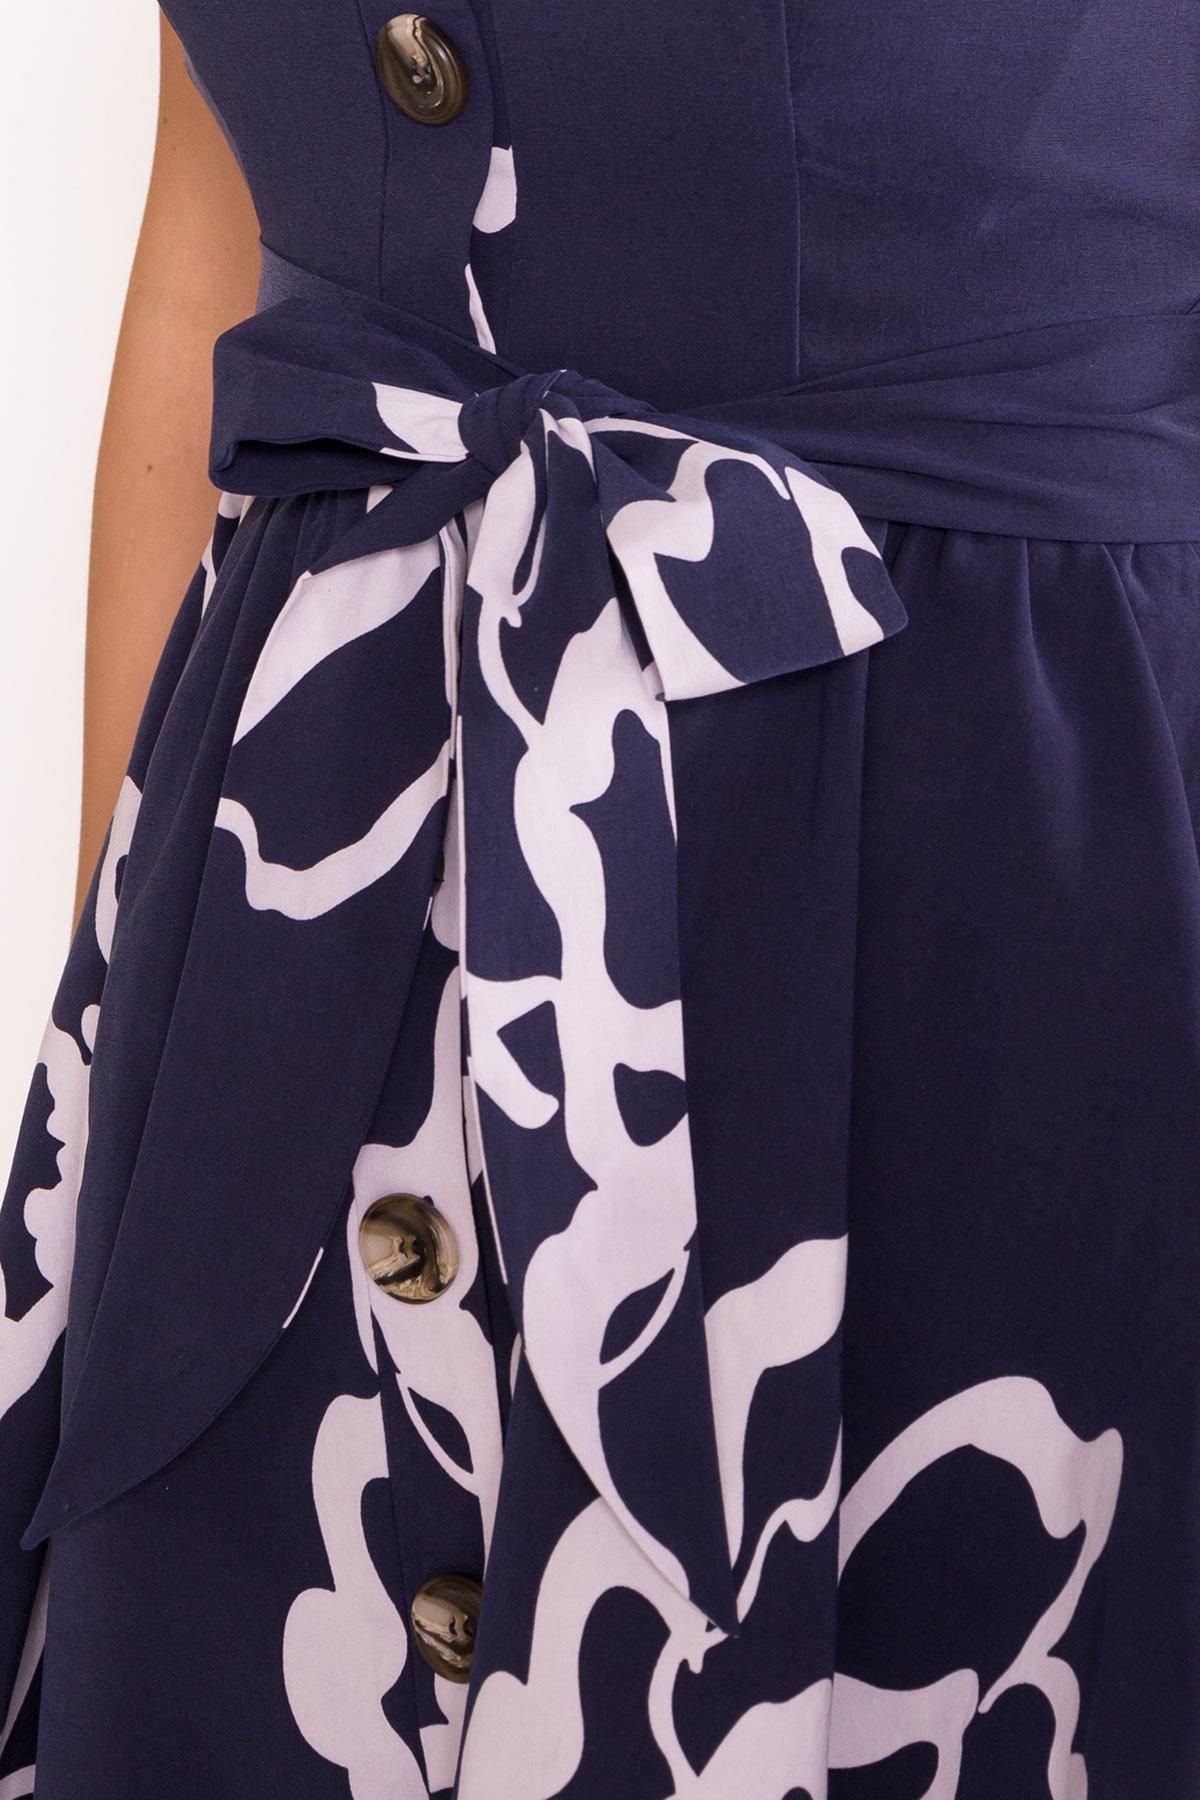 Платье Джонни 7615 АРТ. 43547 Цвет: Цветы белый,т.синий - фото 4, интернет магазин tm-modus.ru